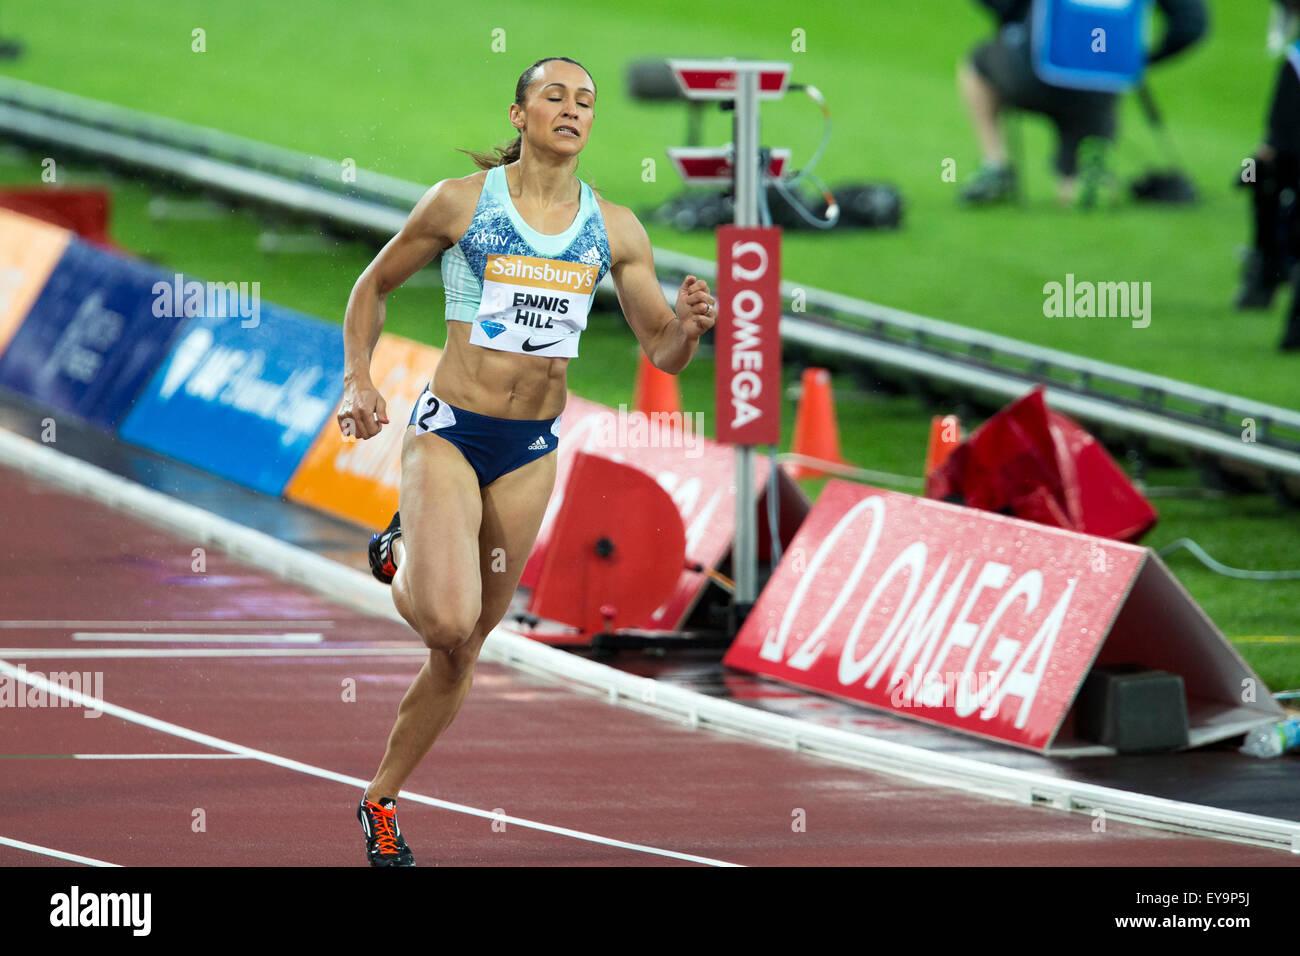 Londres, Reino Unido. 24 de julio de 2015. Jessica ENNIS-Hill, la mujer de los 100 metros vallas, Sainsbury's Liga Foto de stock